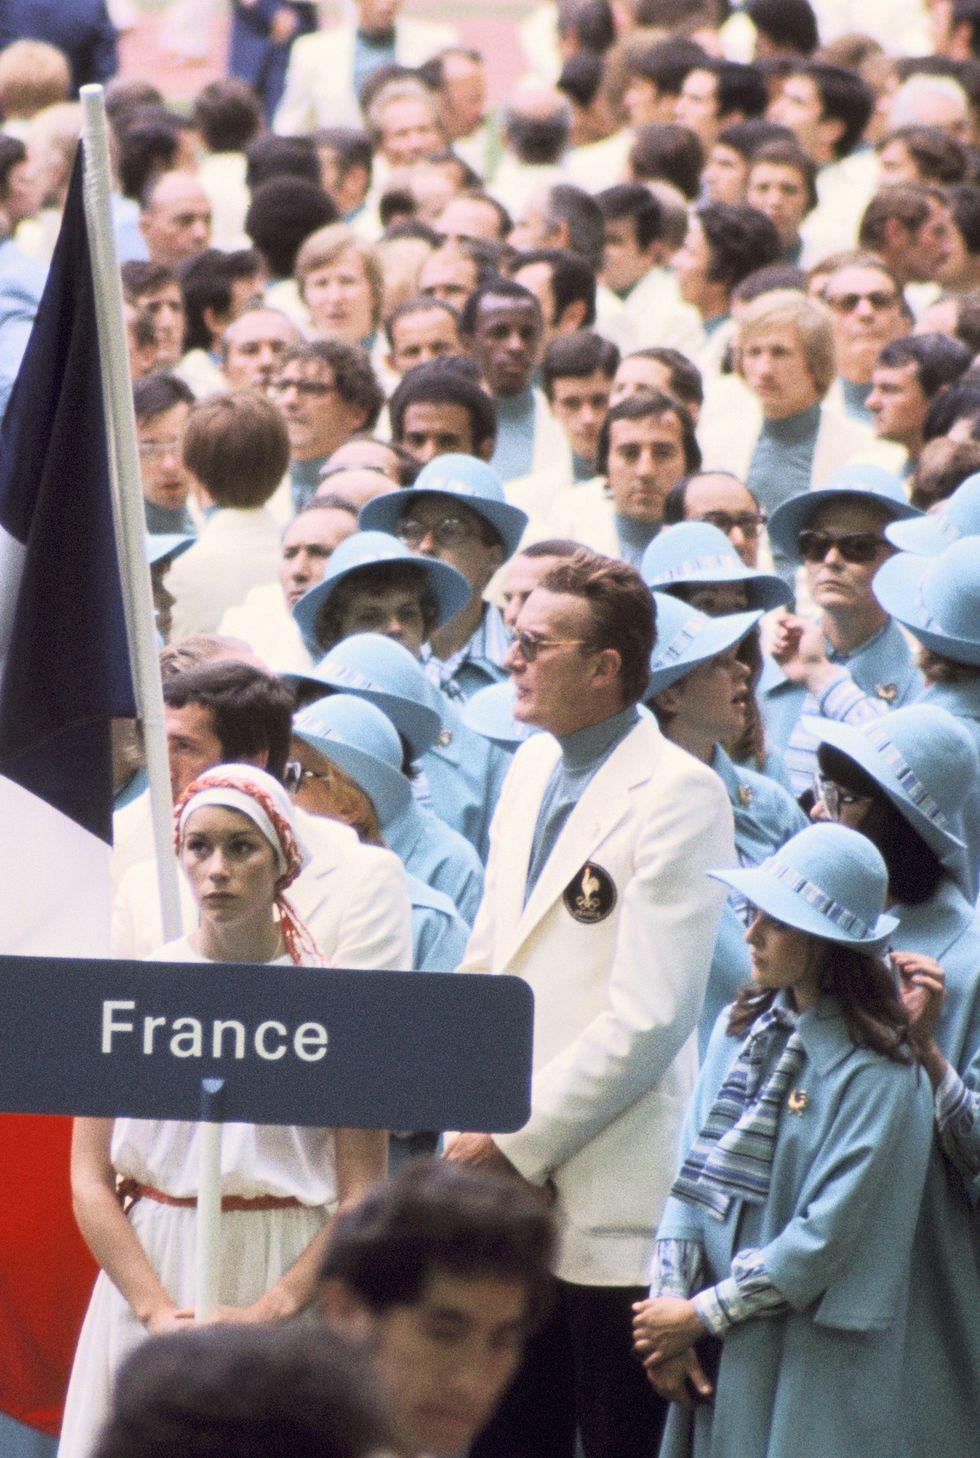 1976: Френският олимпийски отбор Това не е сцена от Хари Потър, а френската делегация в шапки и наметки в бебешко синьо на откриването на Олимпийските игри в Монреал.